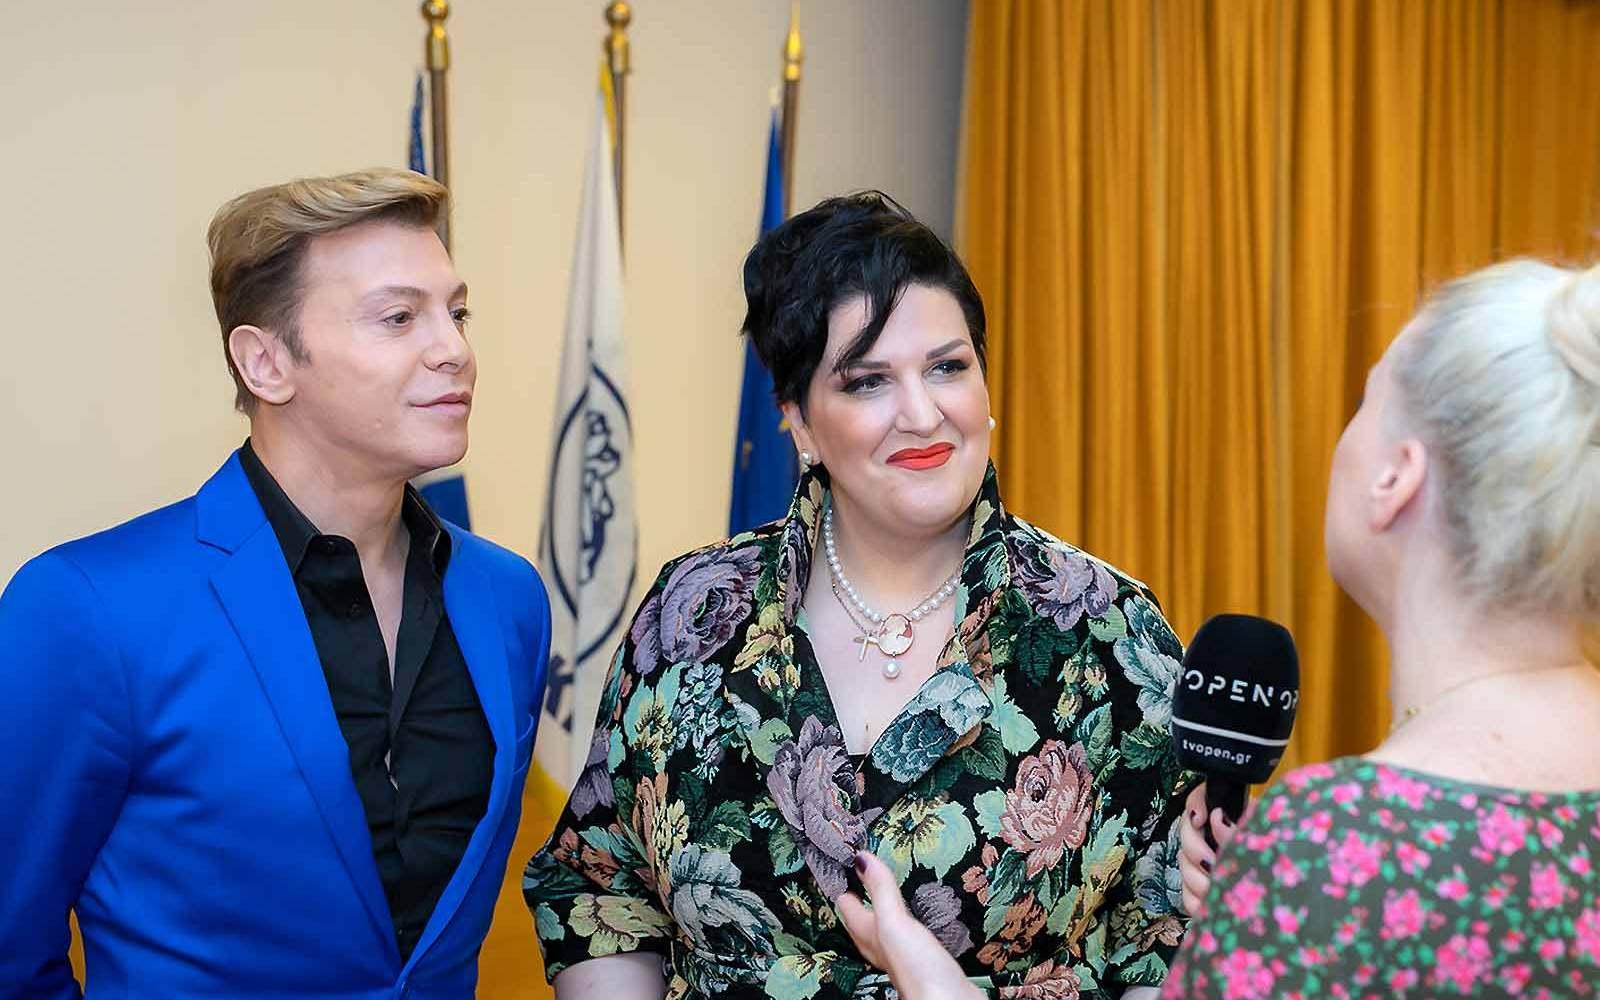 αννα-μαρία-Ρογδακη-με-Τάκη-Ζαχαράτο-συνέντευξη-στο-OPEN-TV